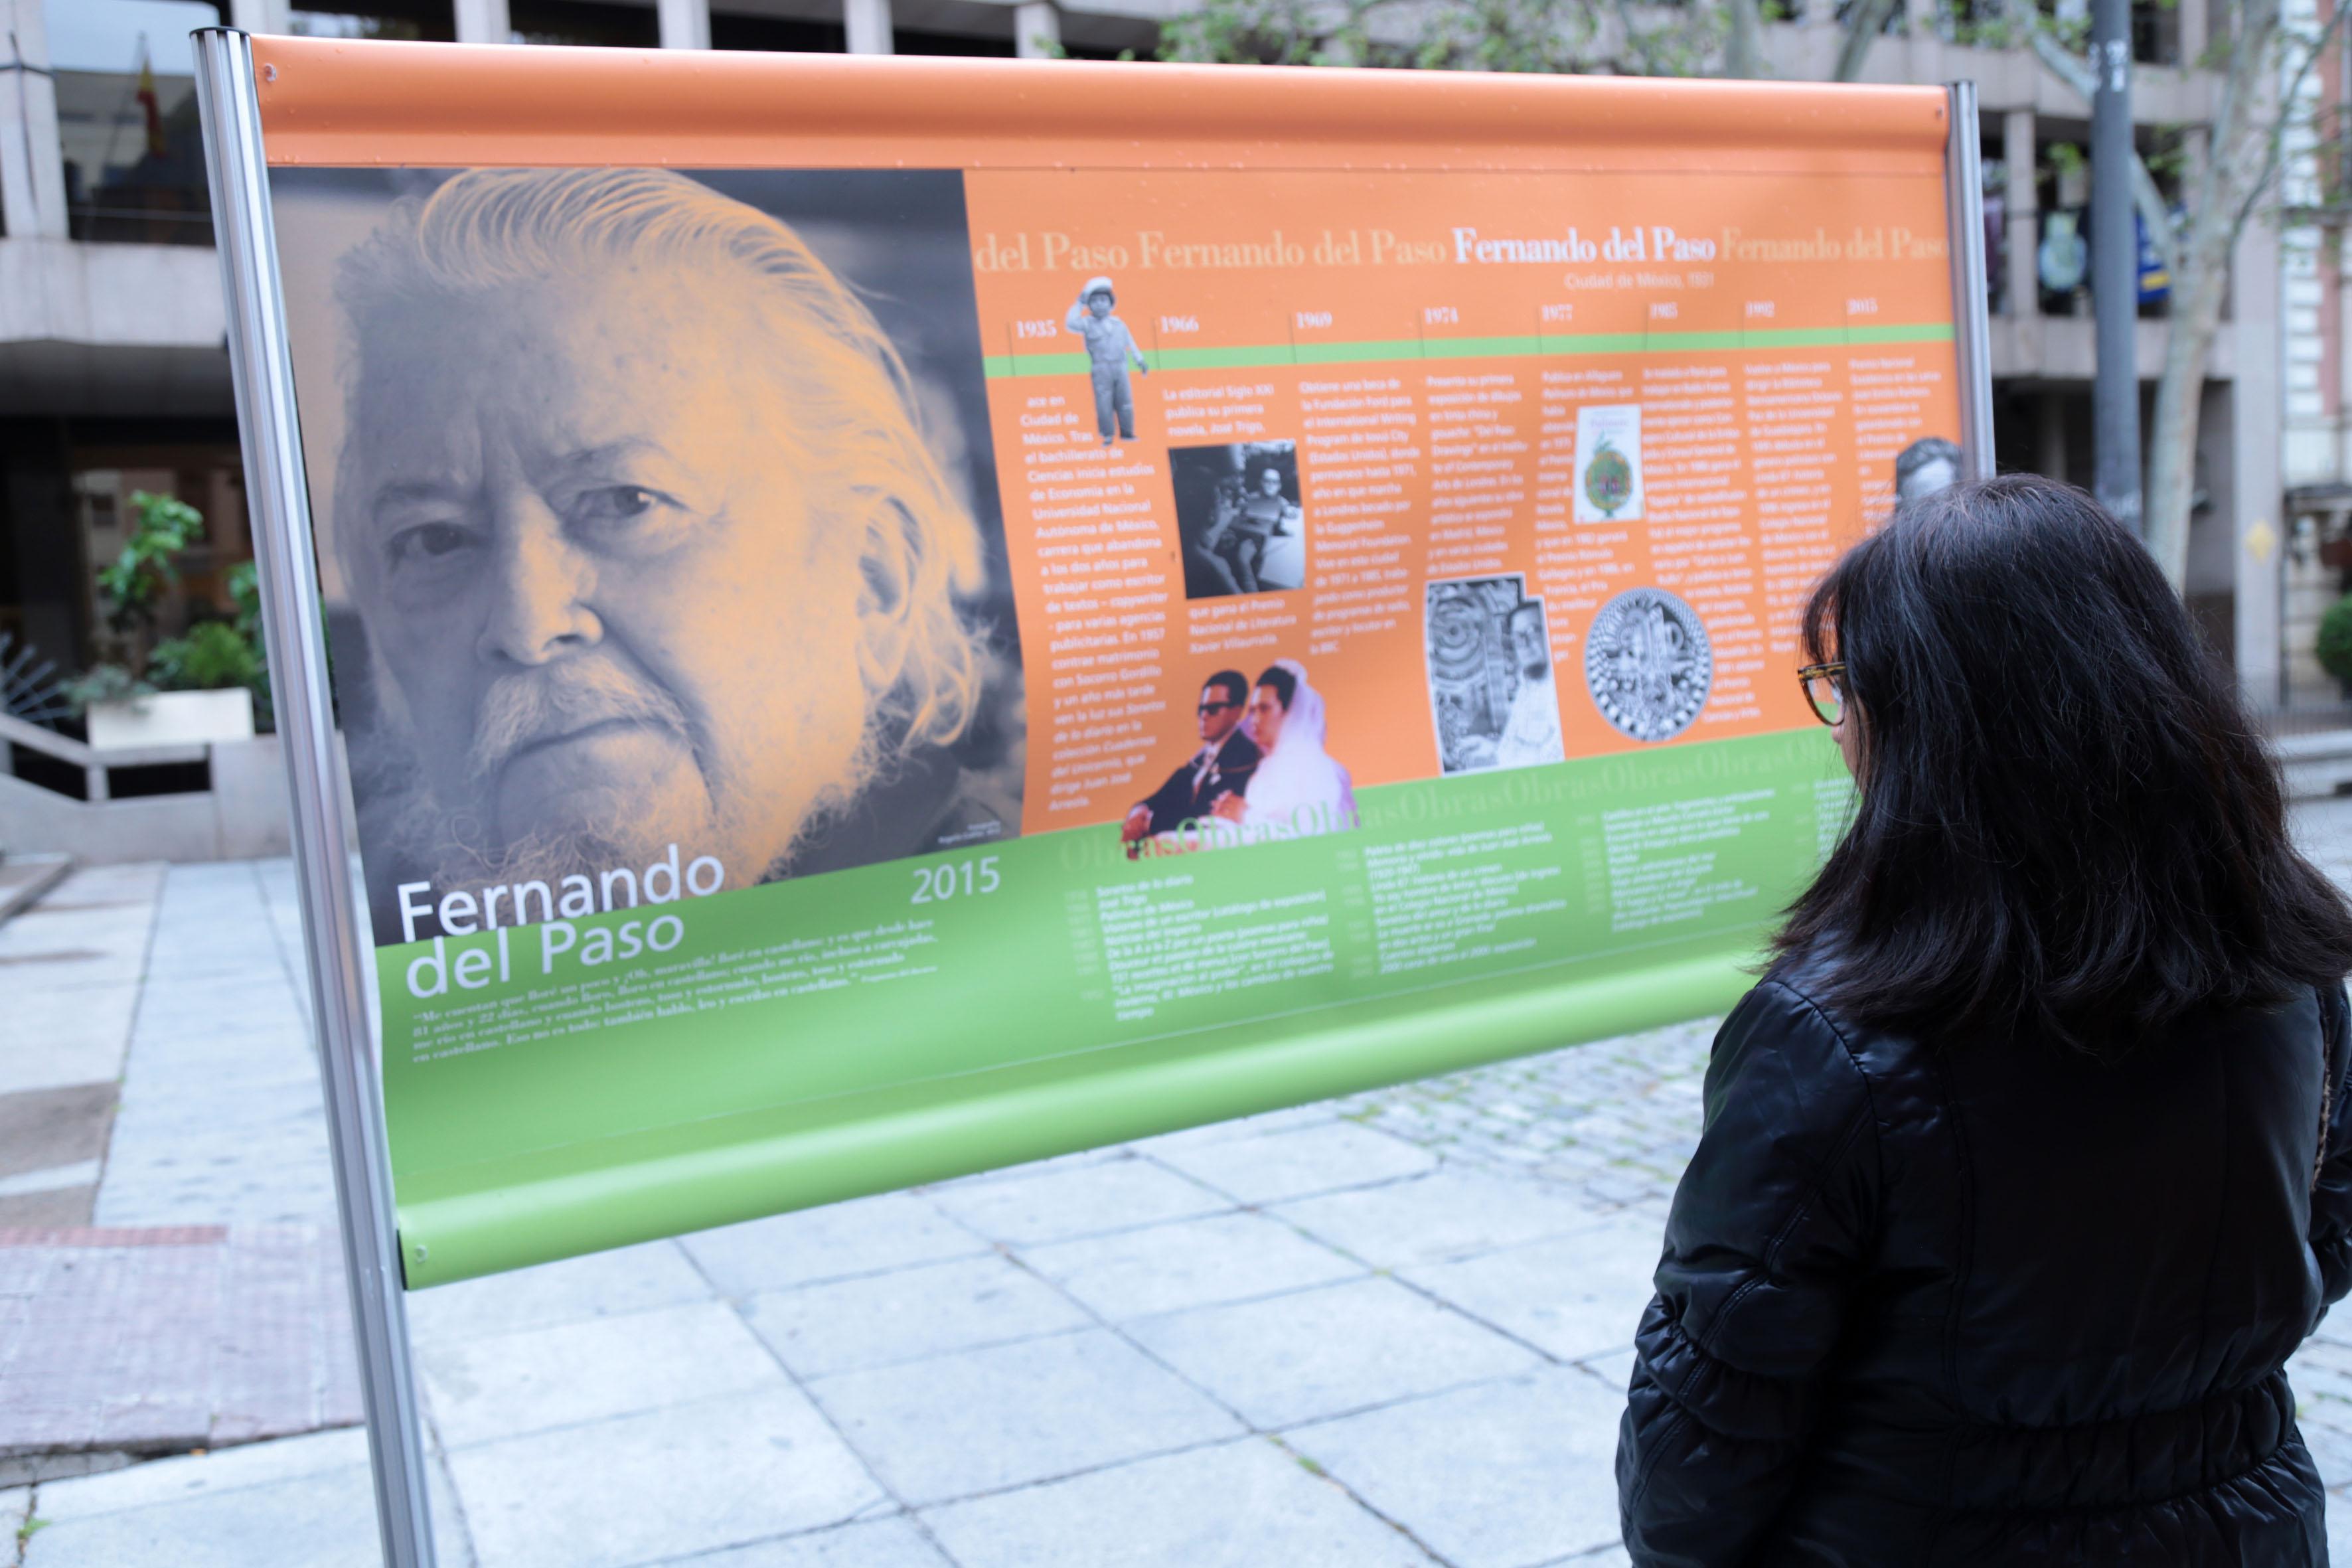 Cartel con información de Fernando del Paso